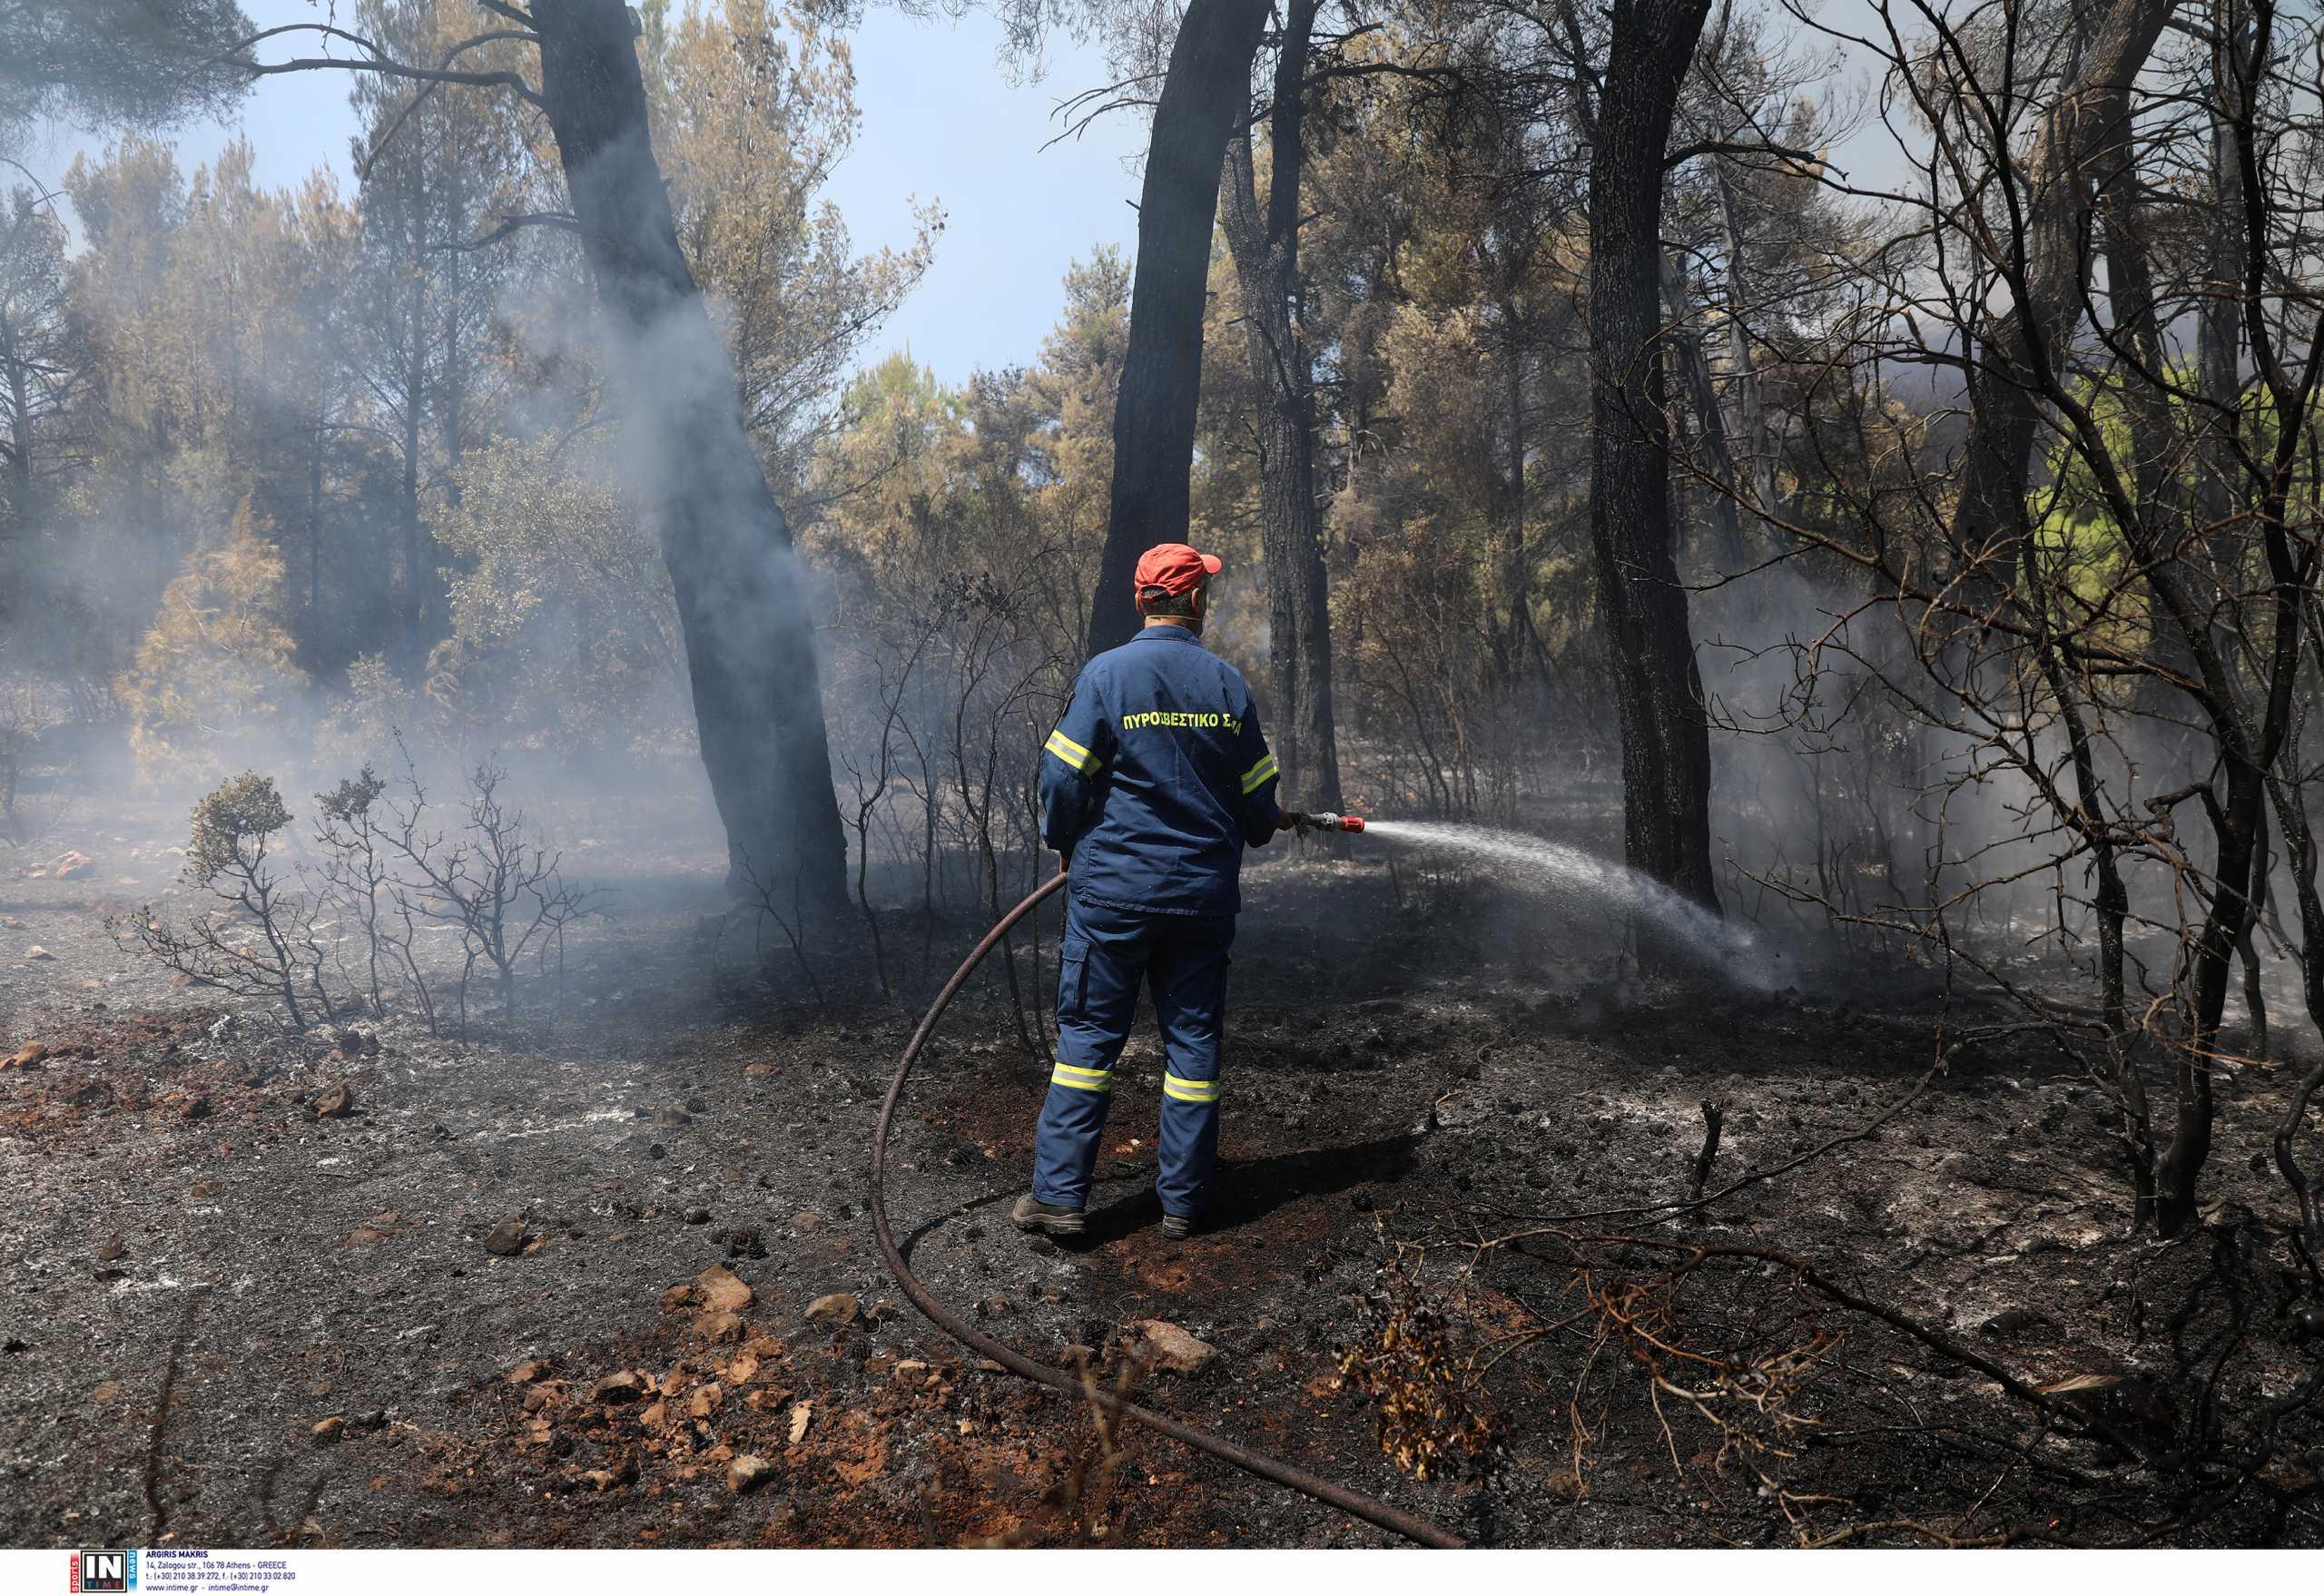 Φθιώτιδα: Συναγερμός για φωτιά κοντά στα διόδια Πελασγίας – Οι πυροσβέστες πρόλαβαν τα χειρότερα